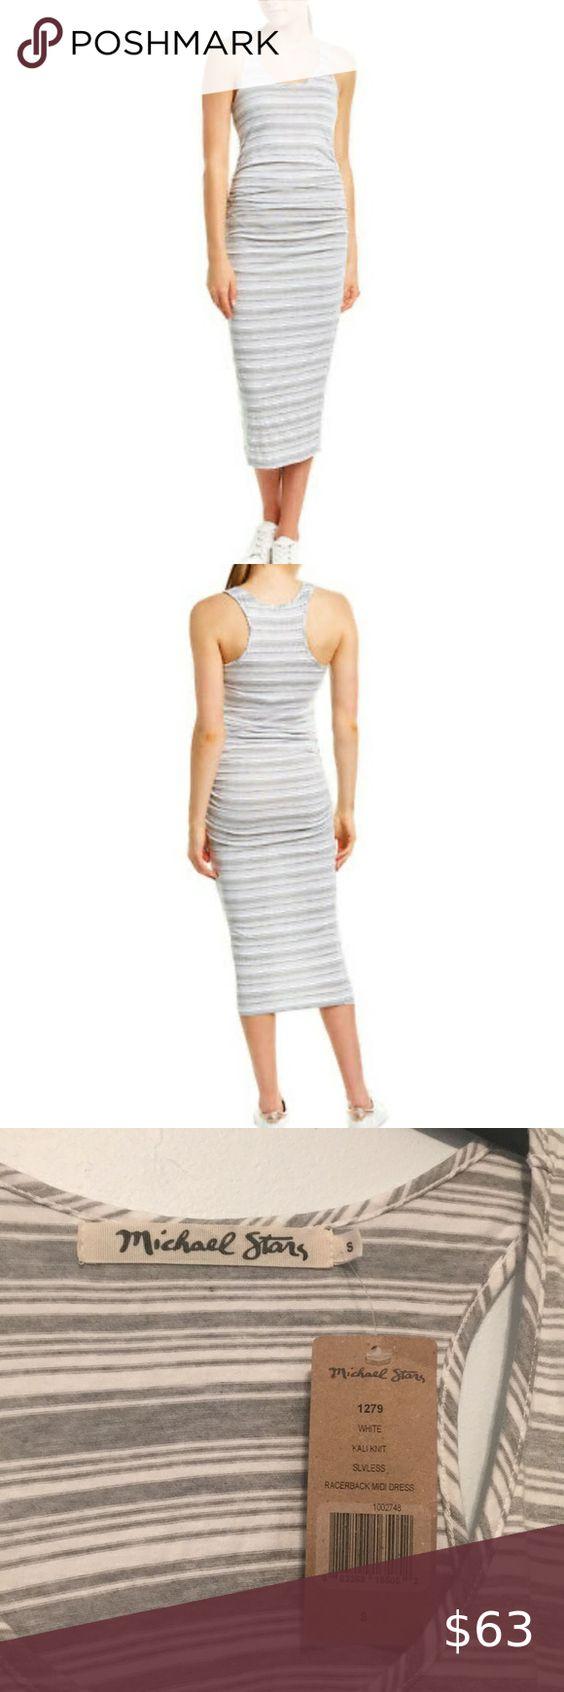 Nwt Michael Stars Racerback Midi Dress Size Small Racerback Midi Dress Michael Stars Midi Dress [ 1692 x 564 Pixel ]